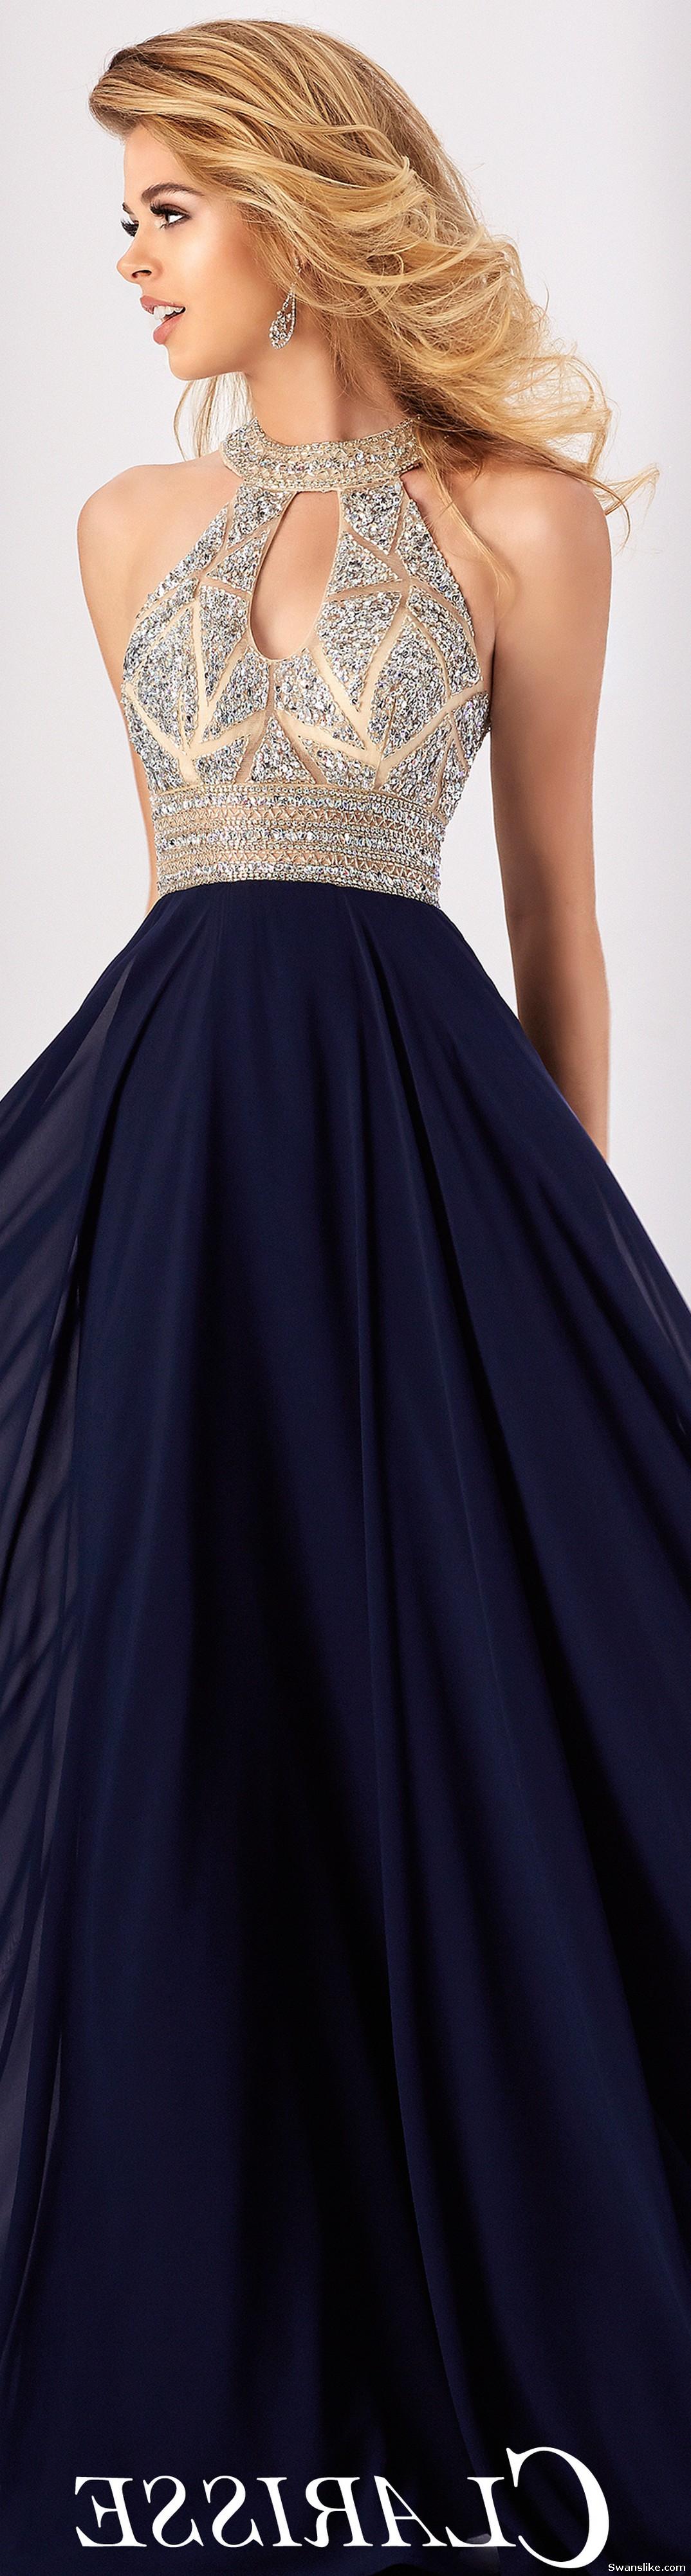 Ladies fashion mermaid dresses long prom dresses cute prom dress